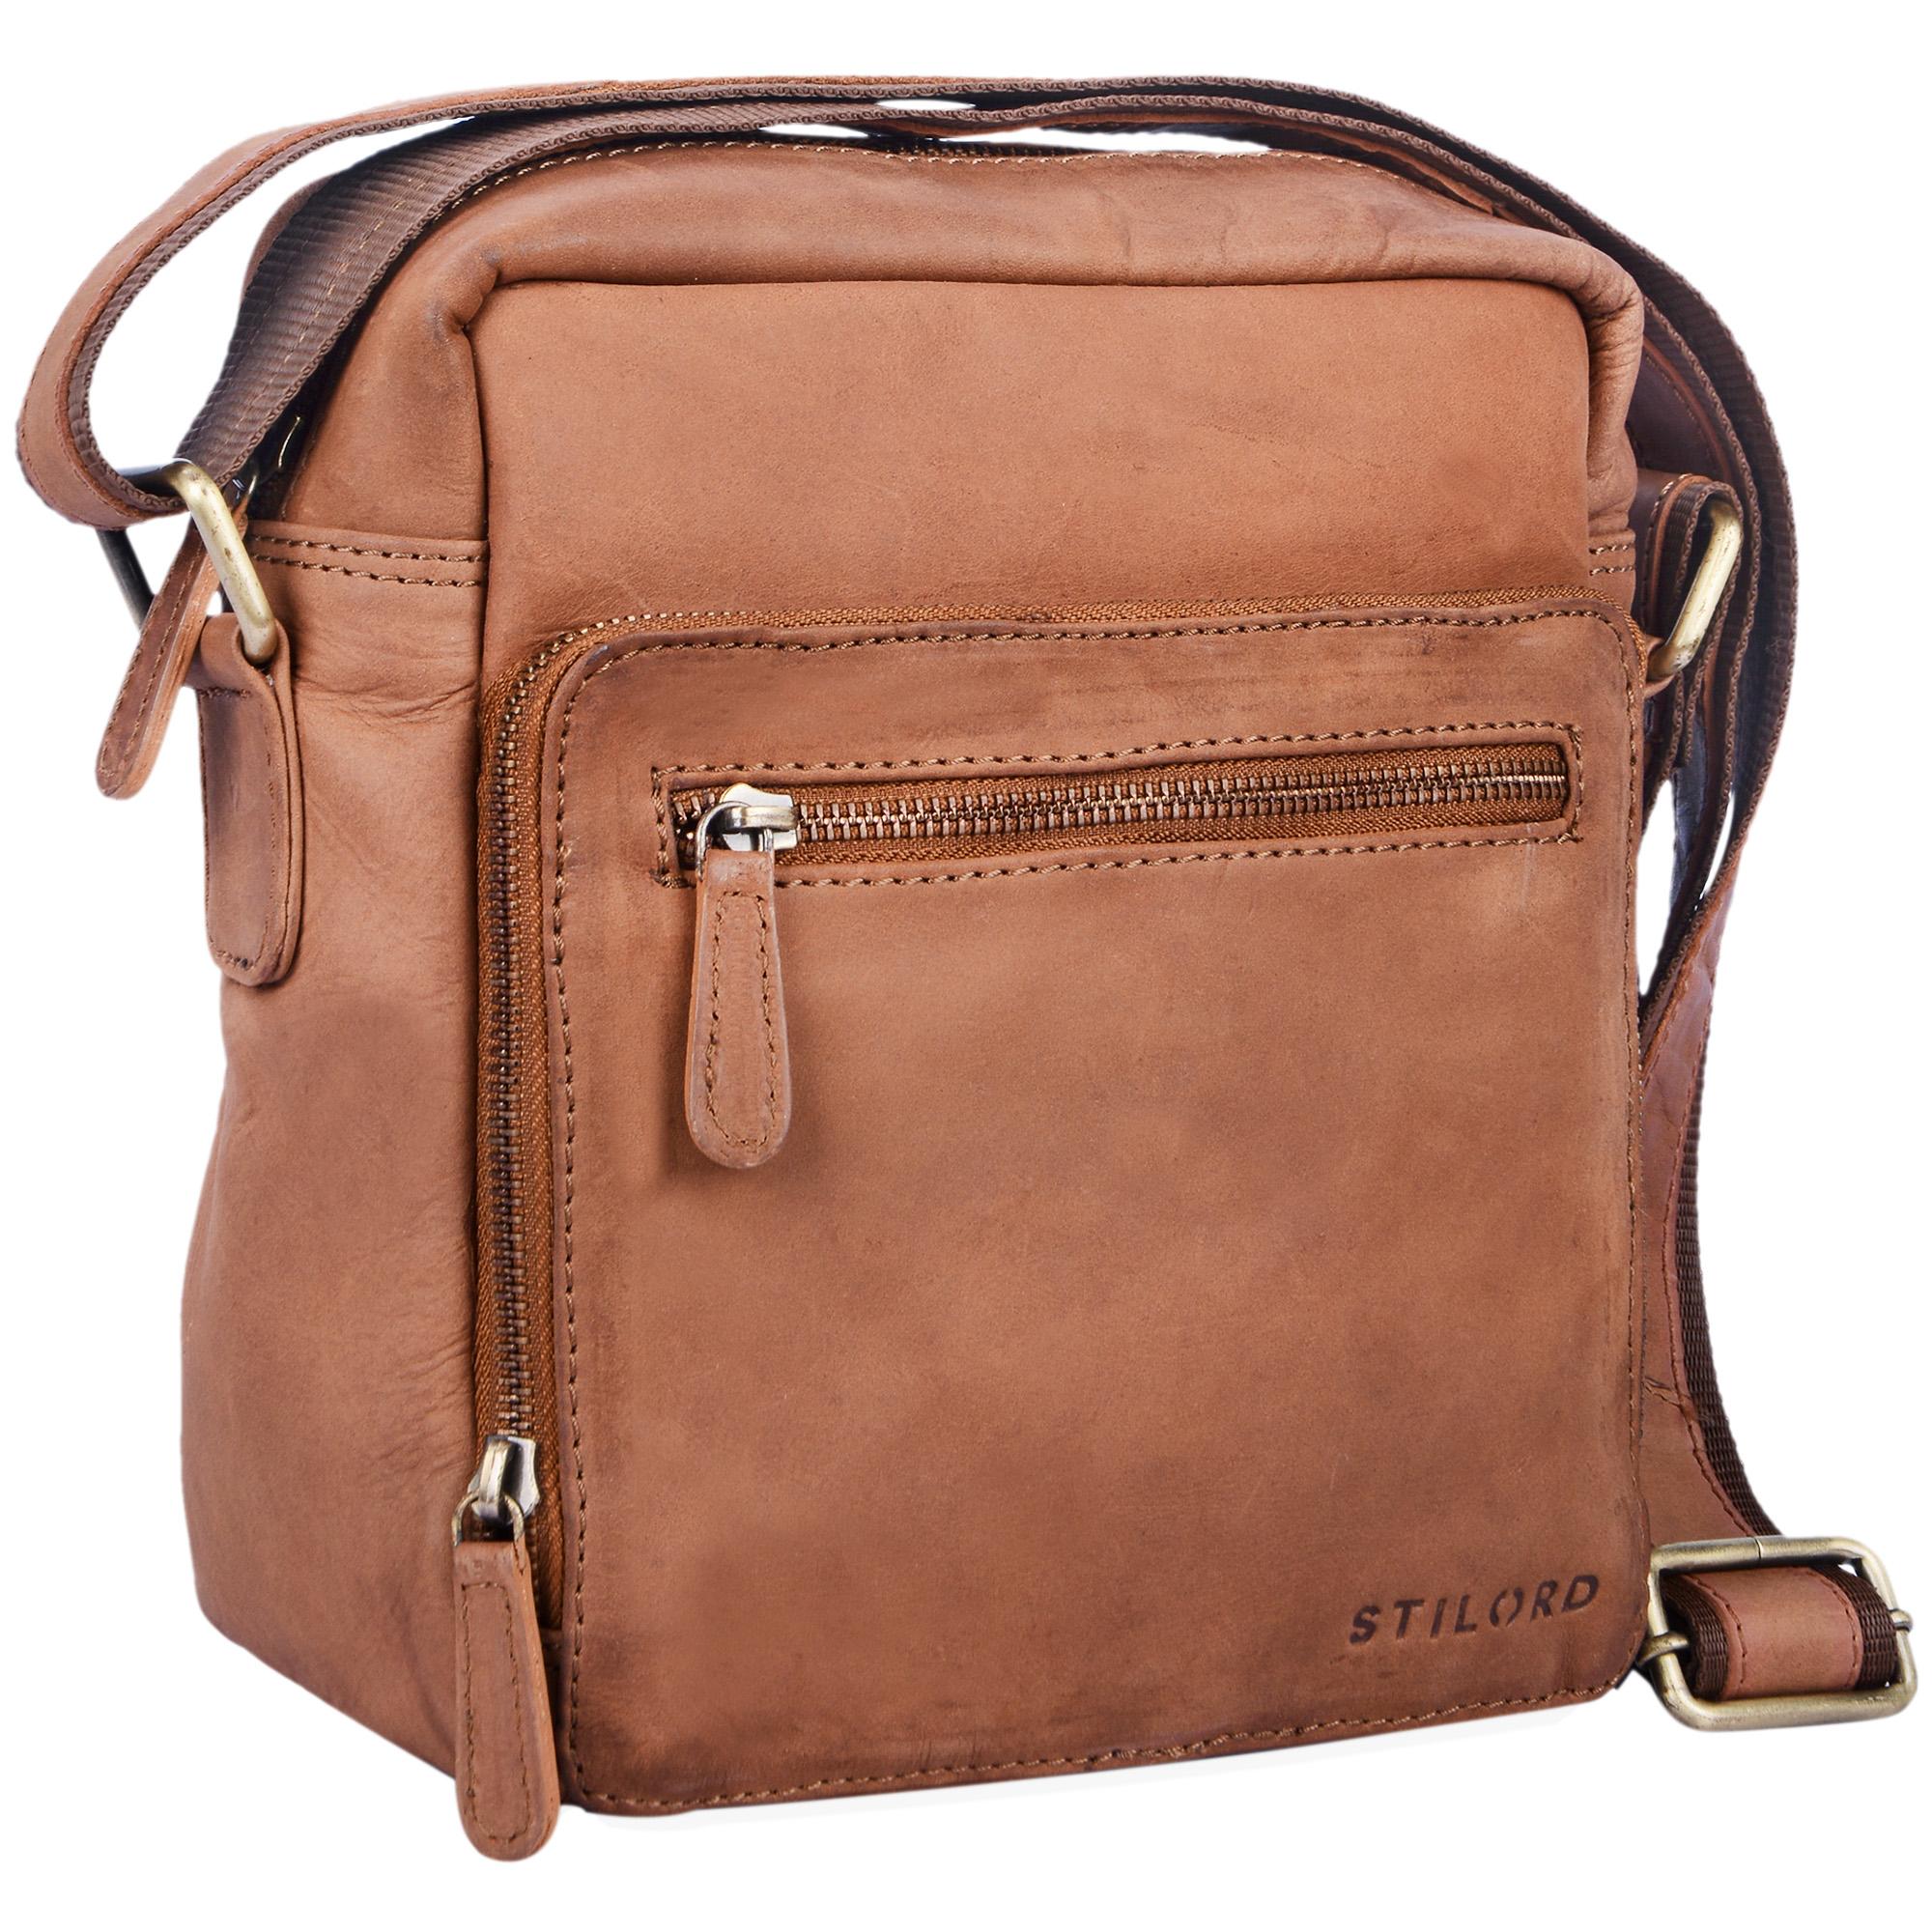 """STILORD """"Nathan"""" Umhängetasche Herren Leder klein braun Vintage Herrentasche 10,1 Zoll Tablettasche für iPad echtes Leder  - Bild 6"""